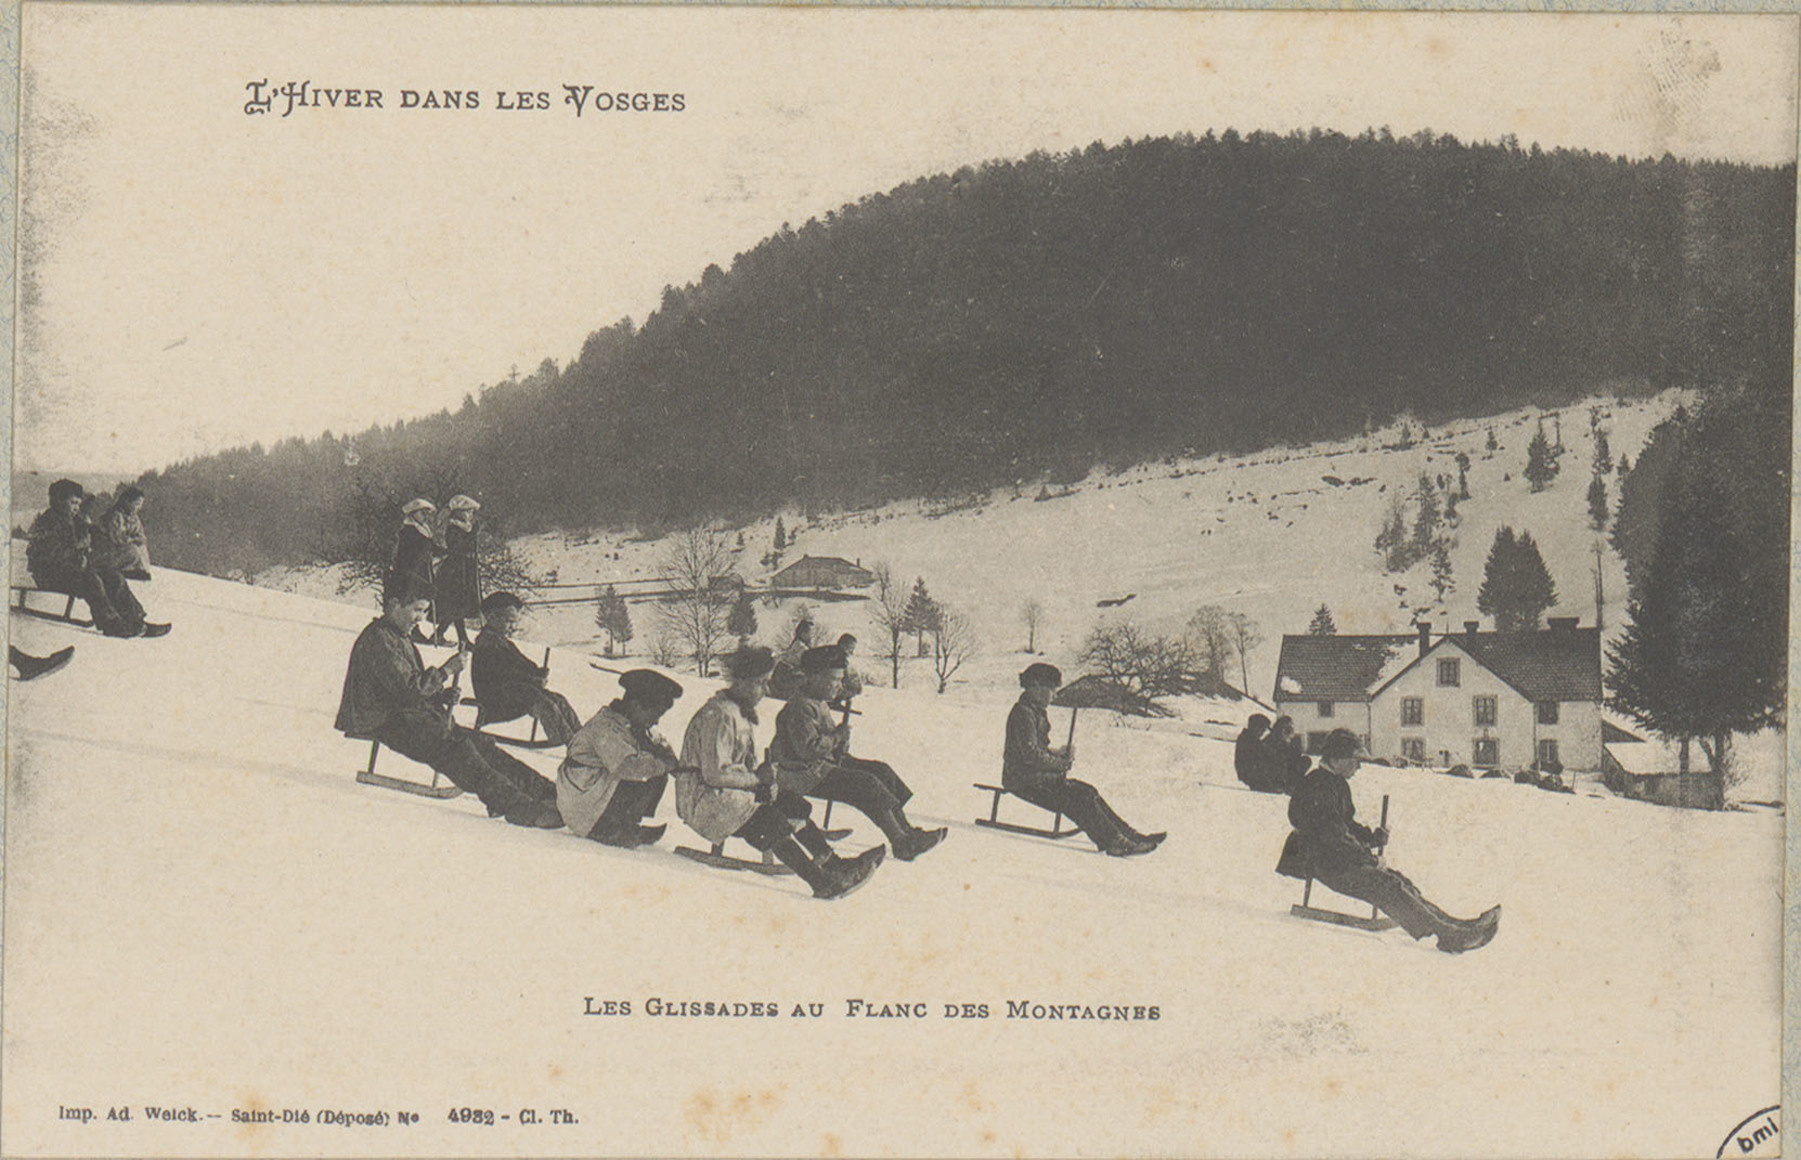 Contenu du Les Glissades au flanc des montagnes